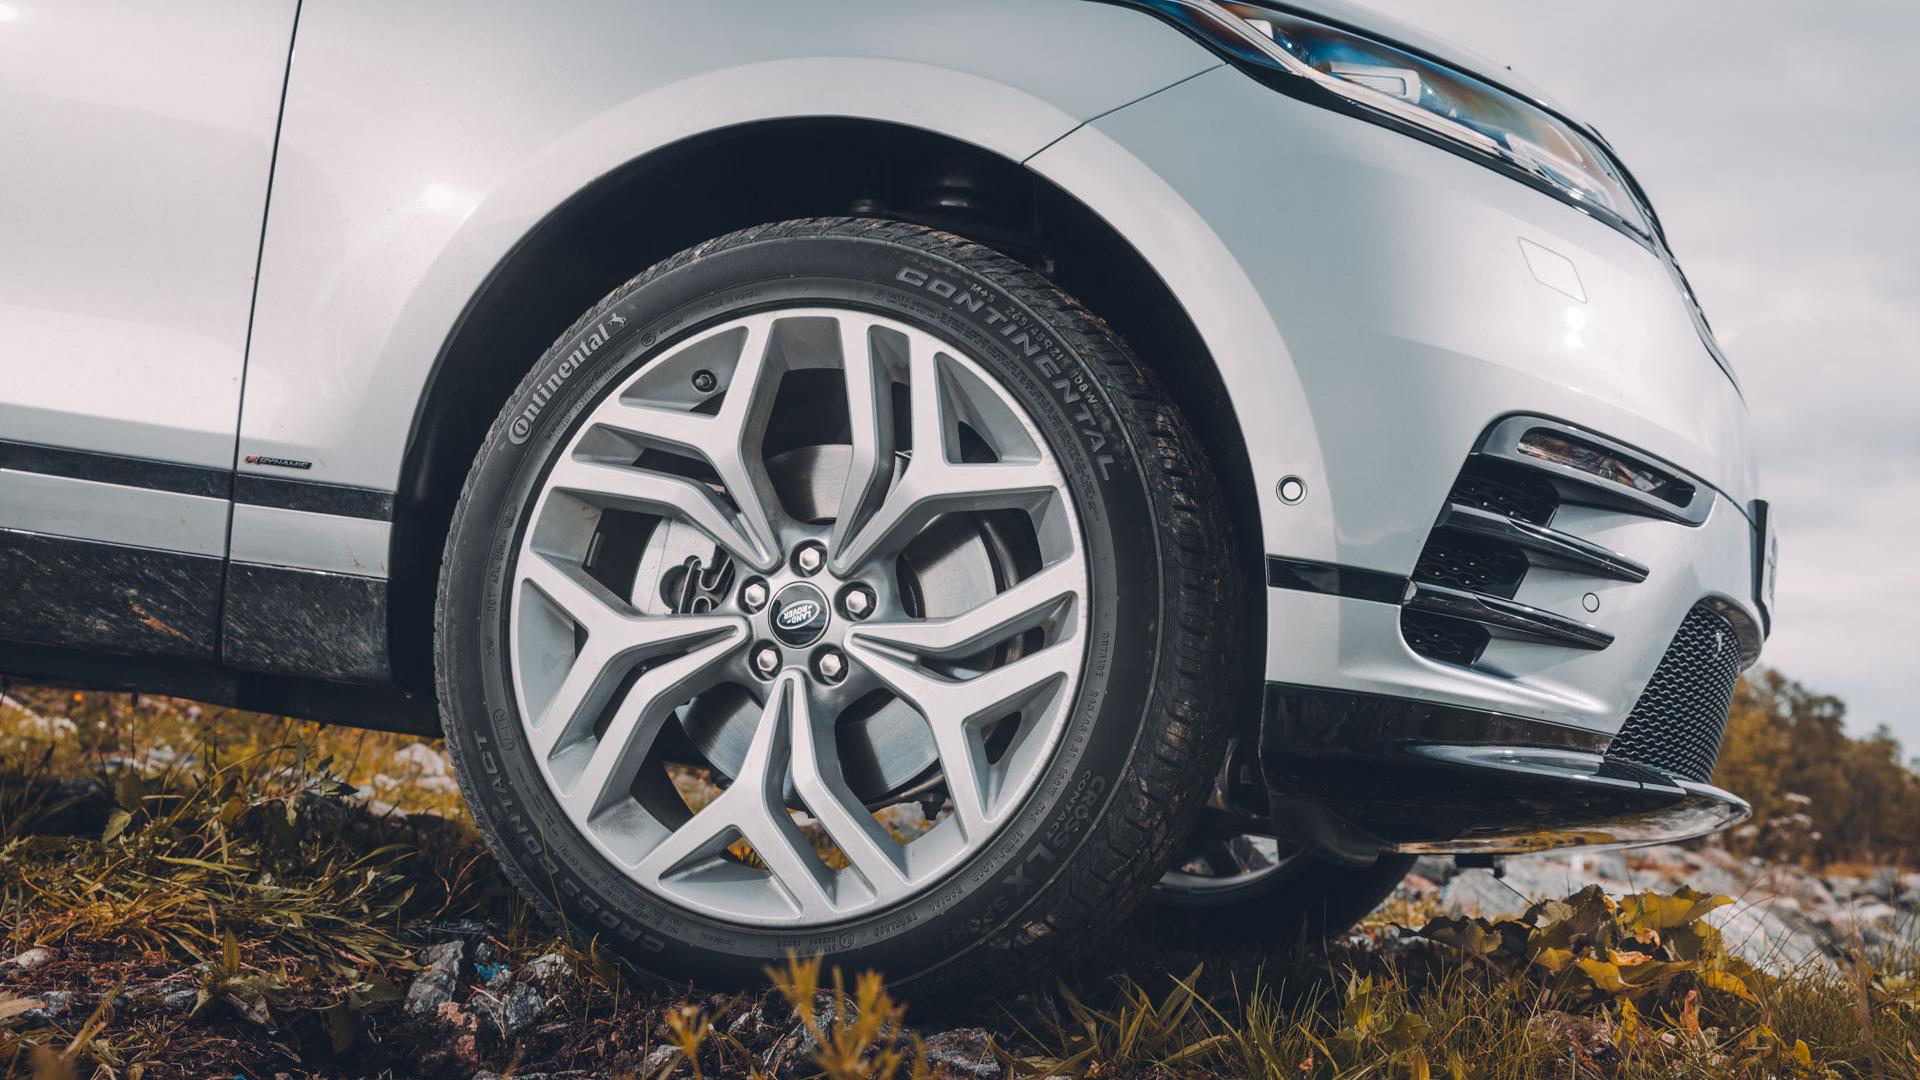 Land Rover Range Rover Velar front wheels